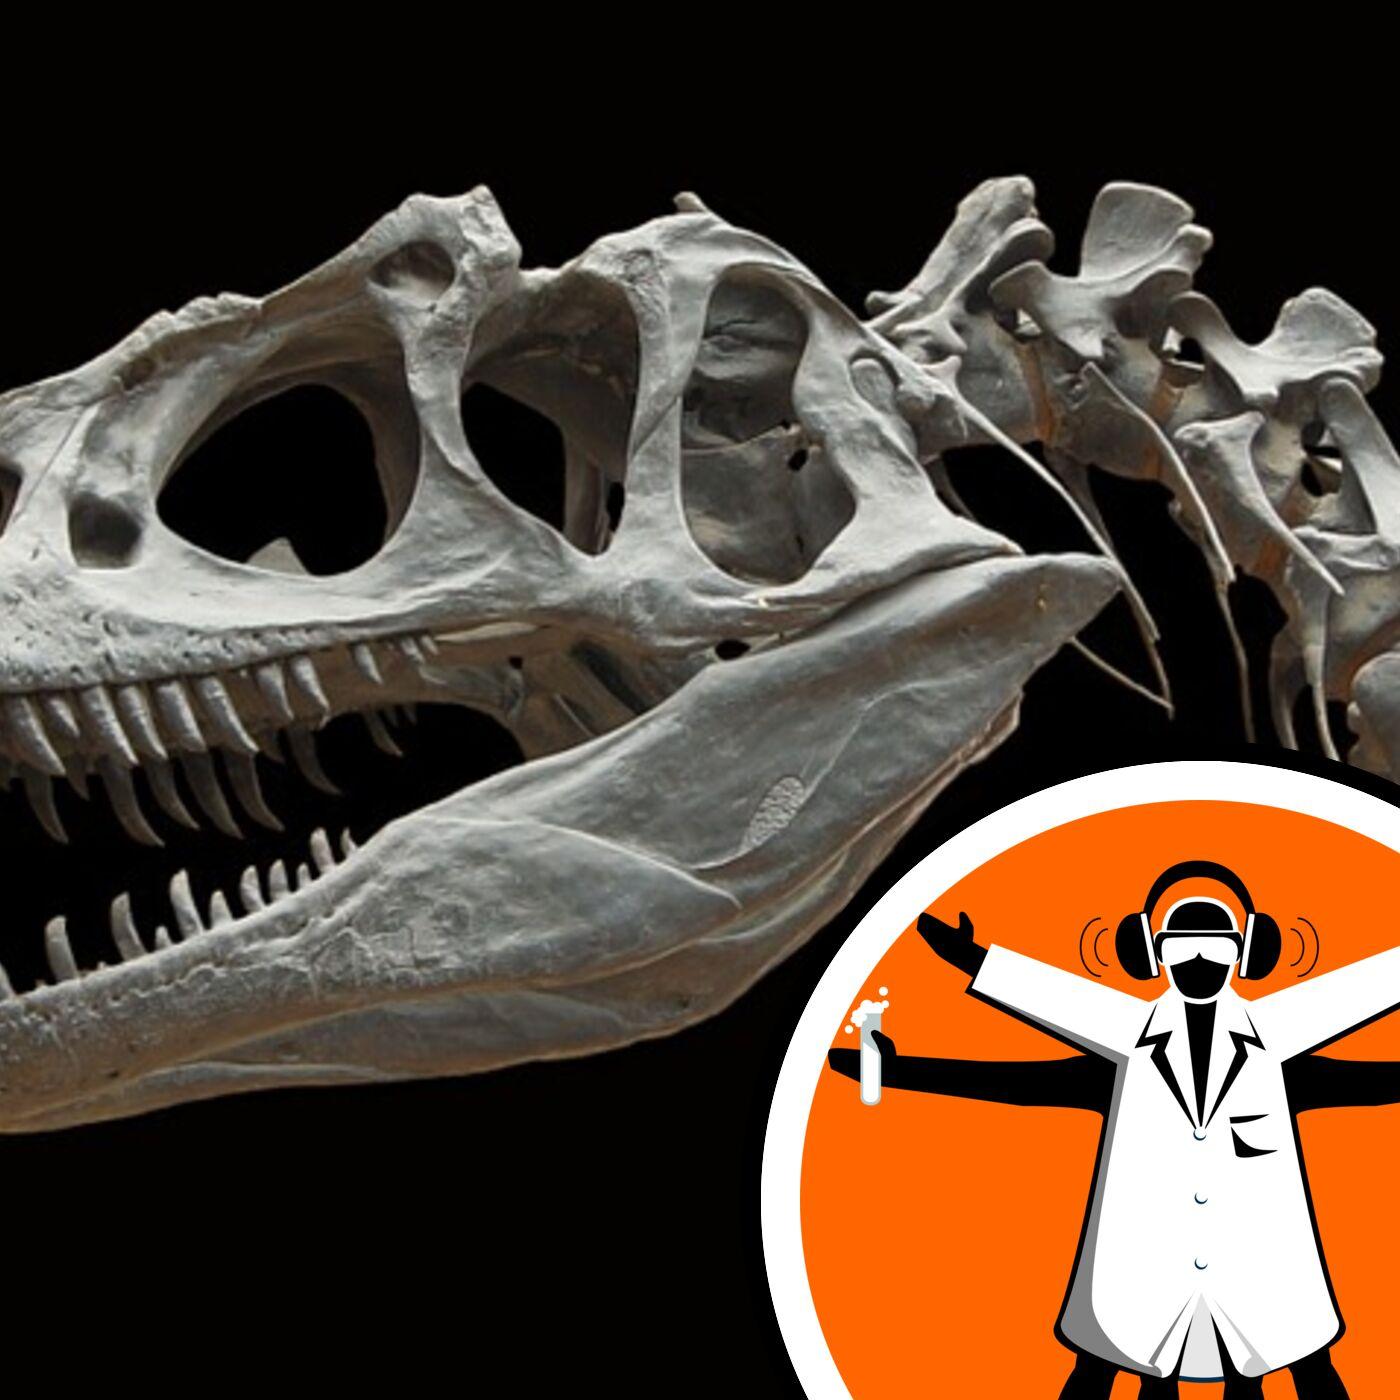 T-rex teens fill mid-size predator gap